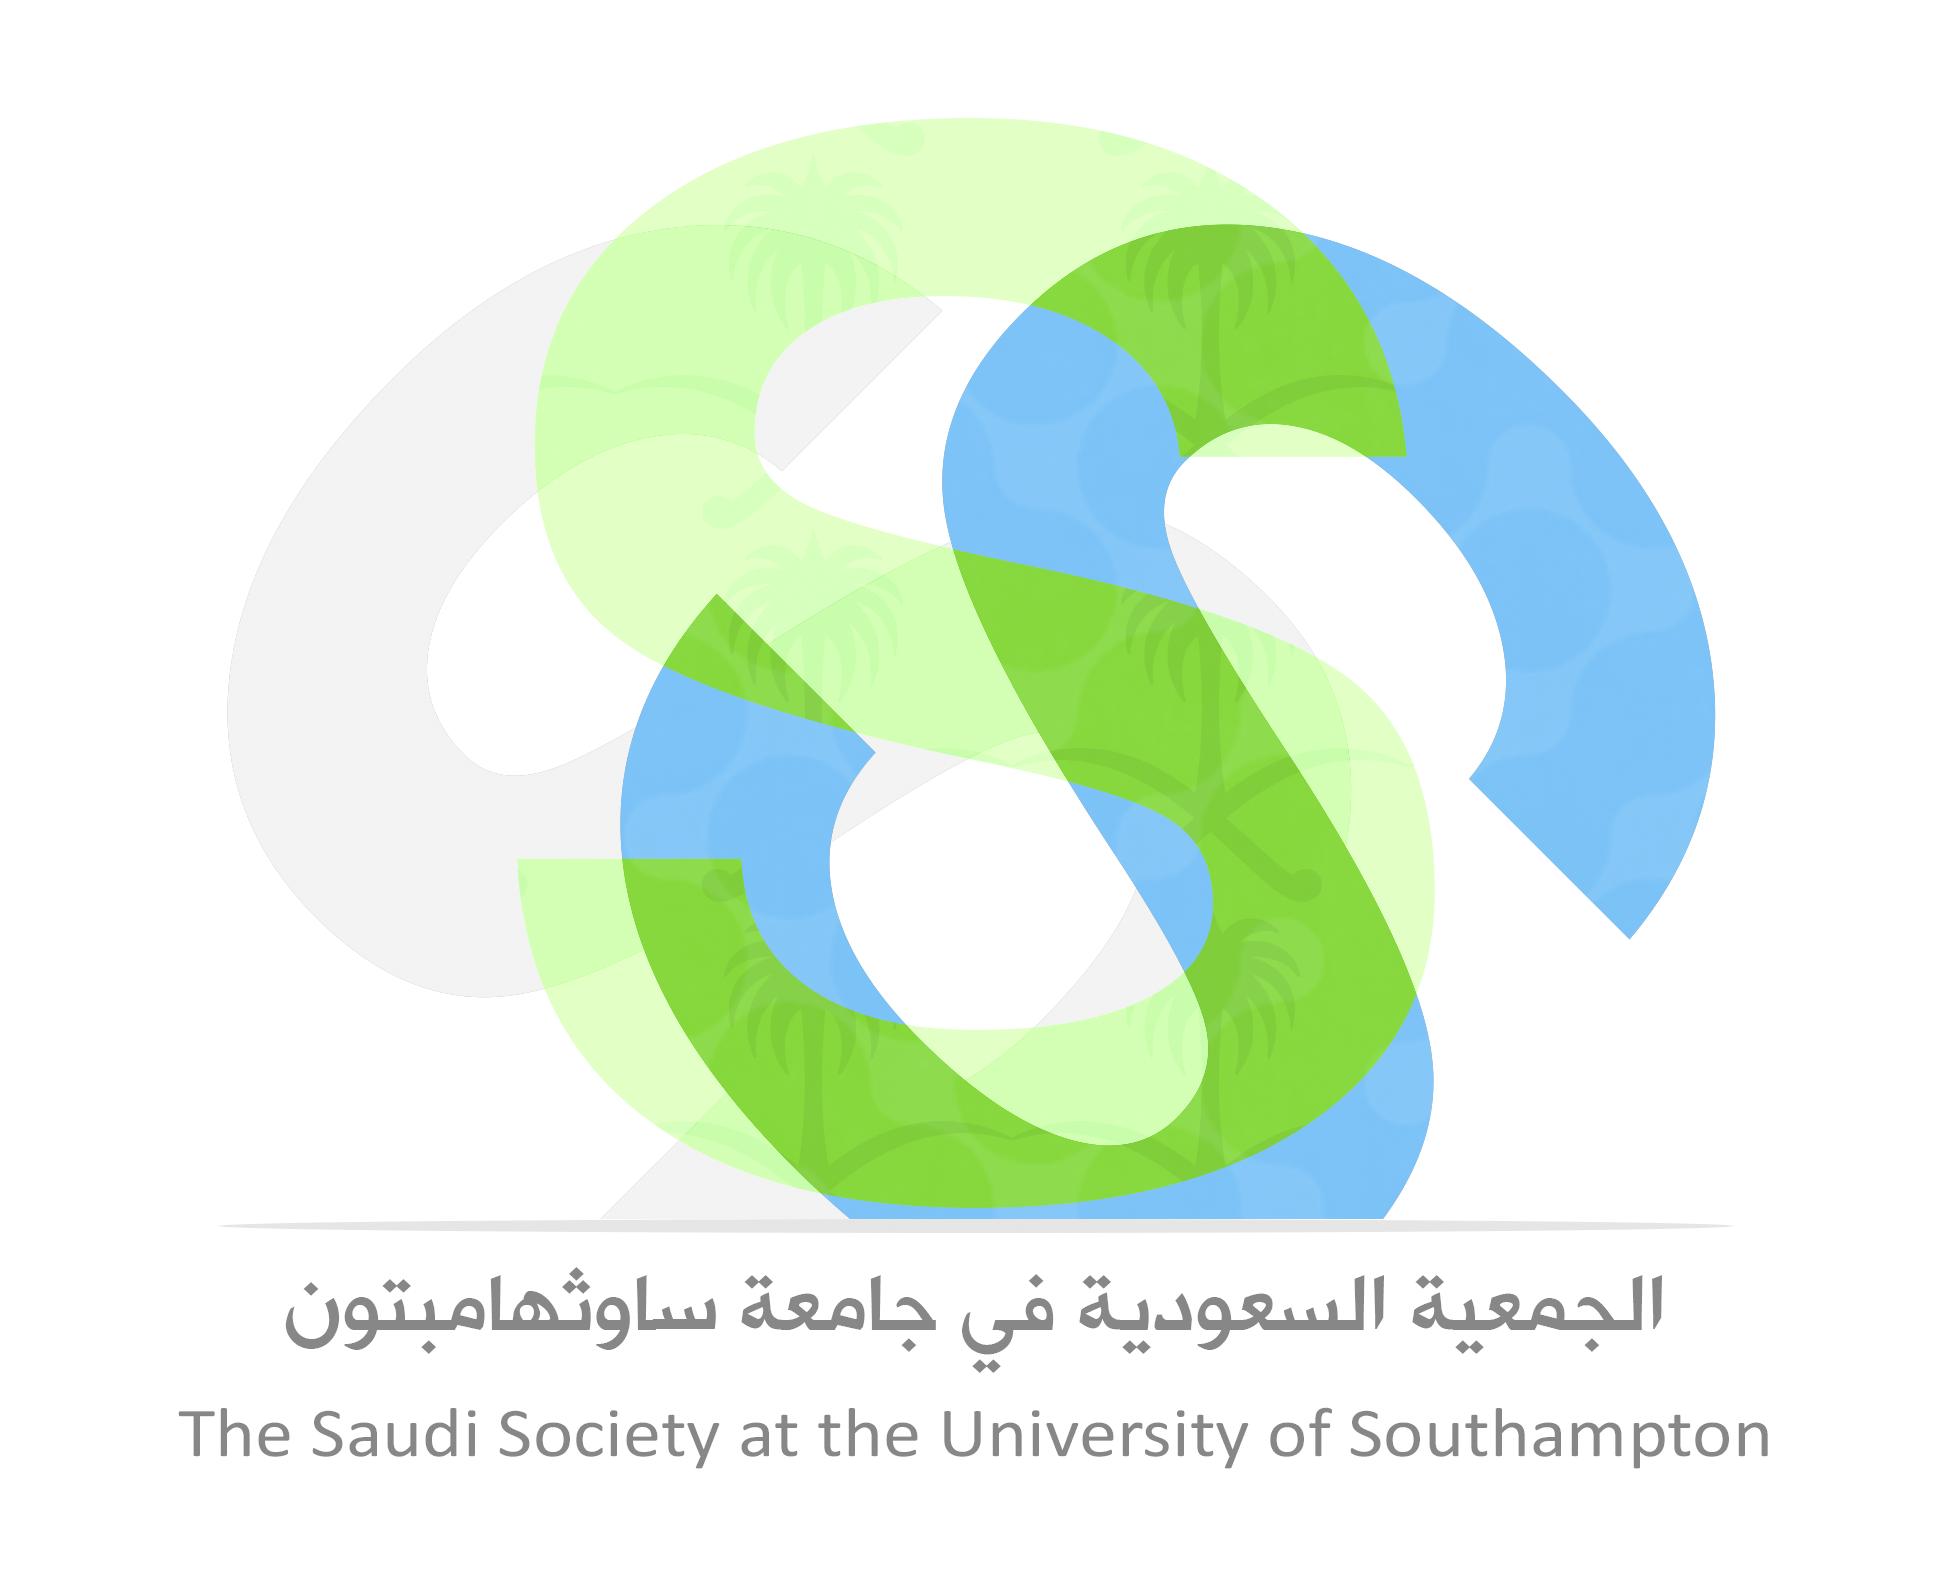 الجمعية السعودية 2019